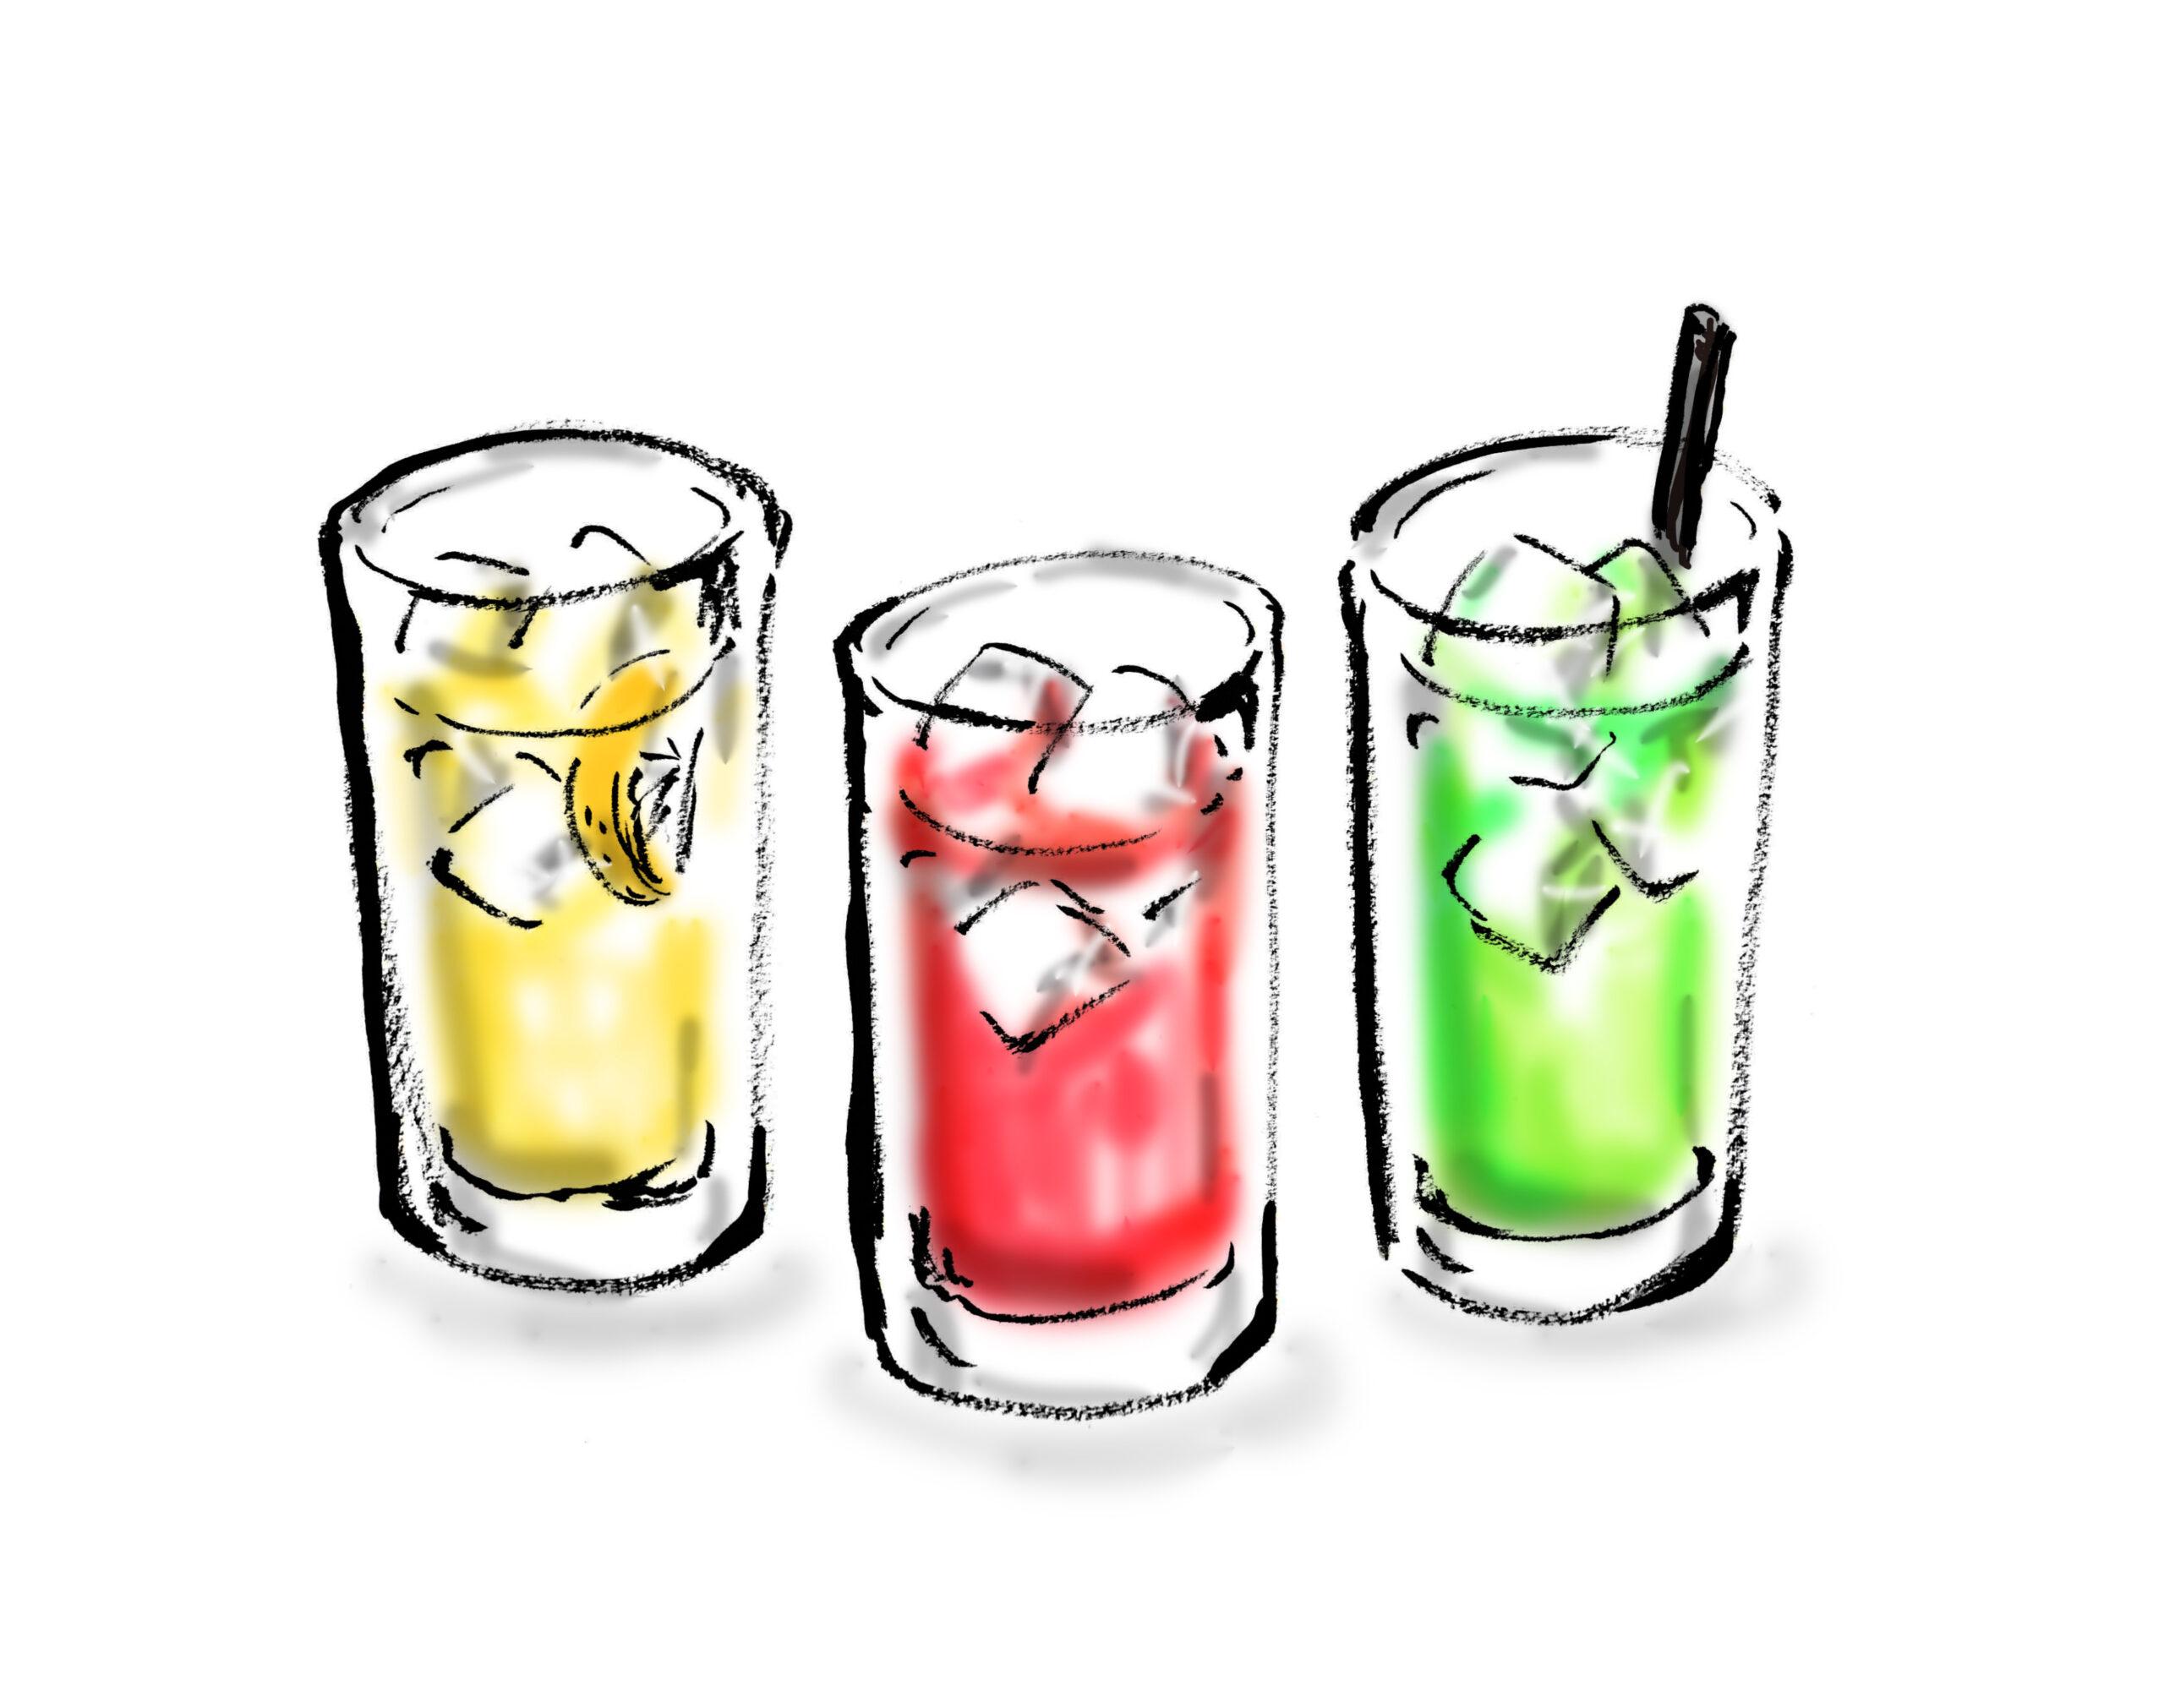 ♡:まずは飲み方をcheck